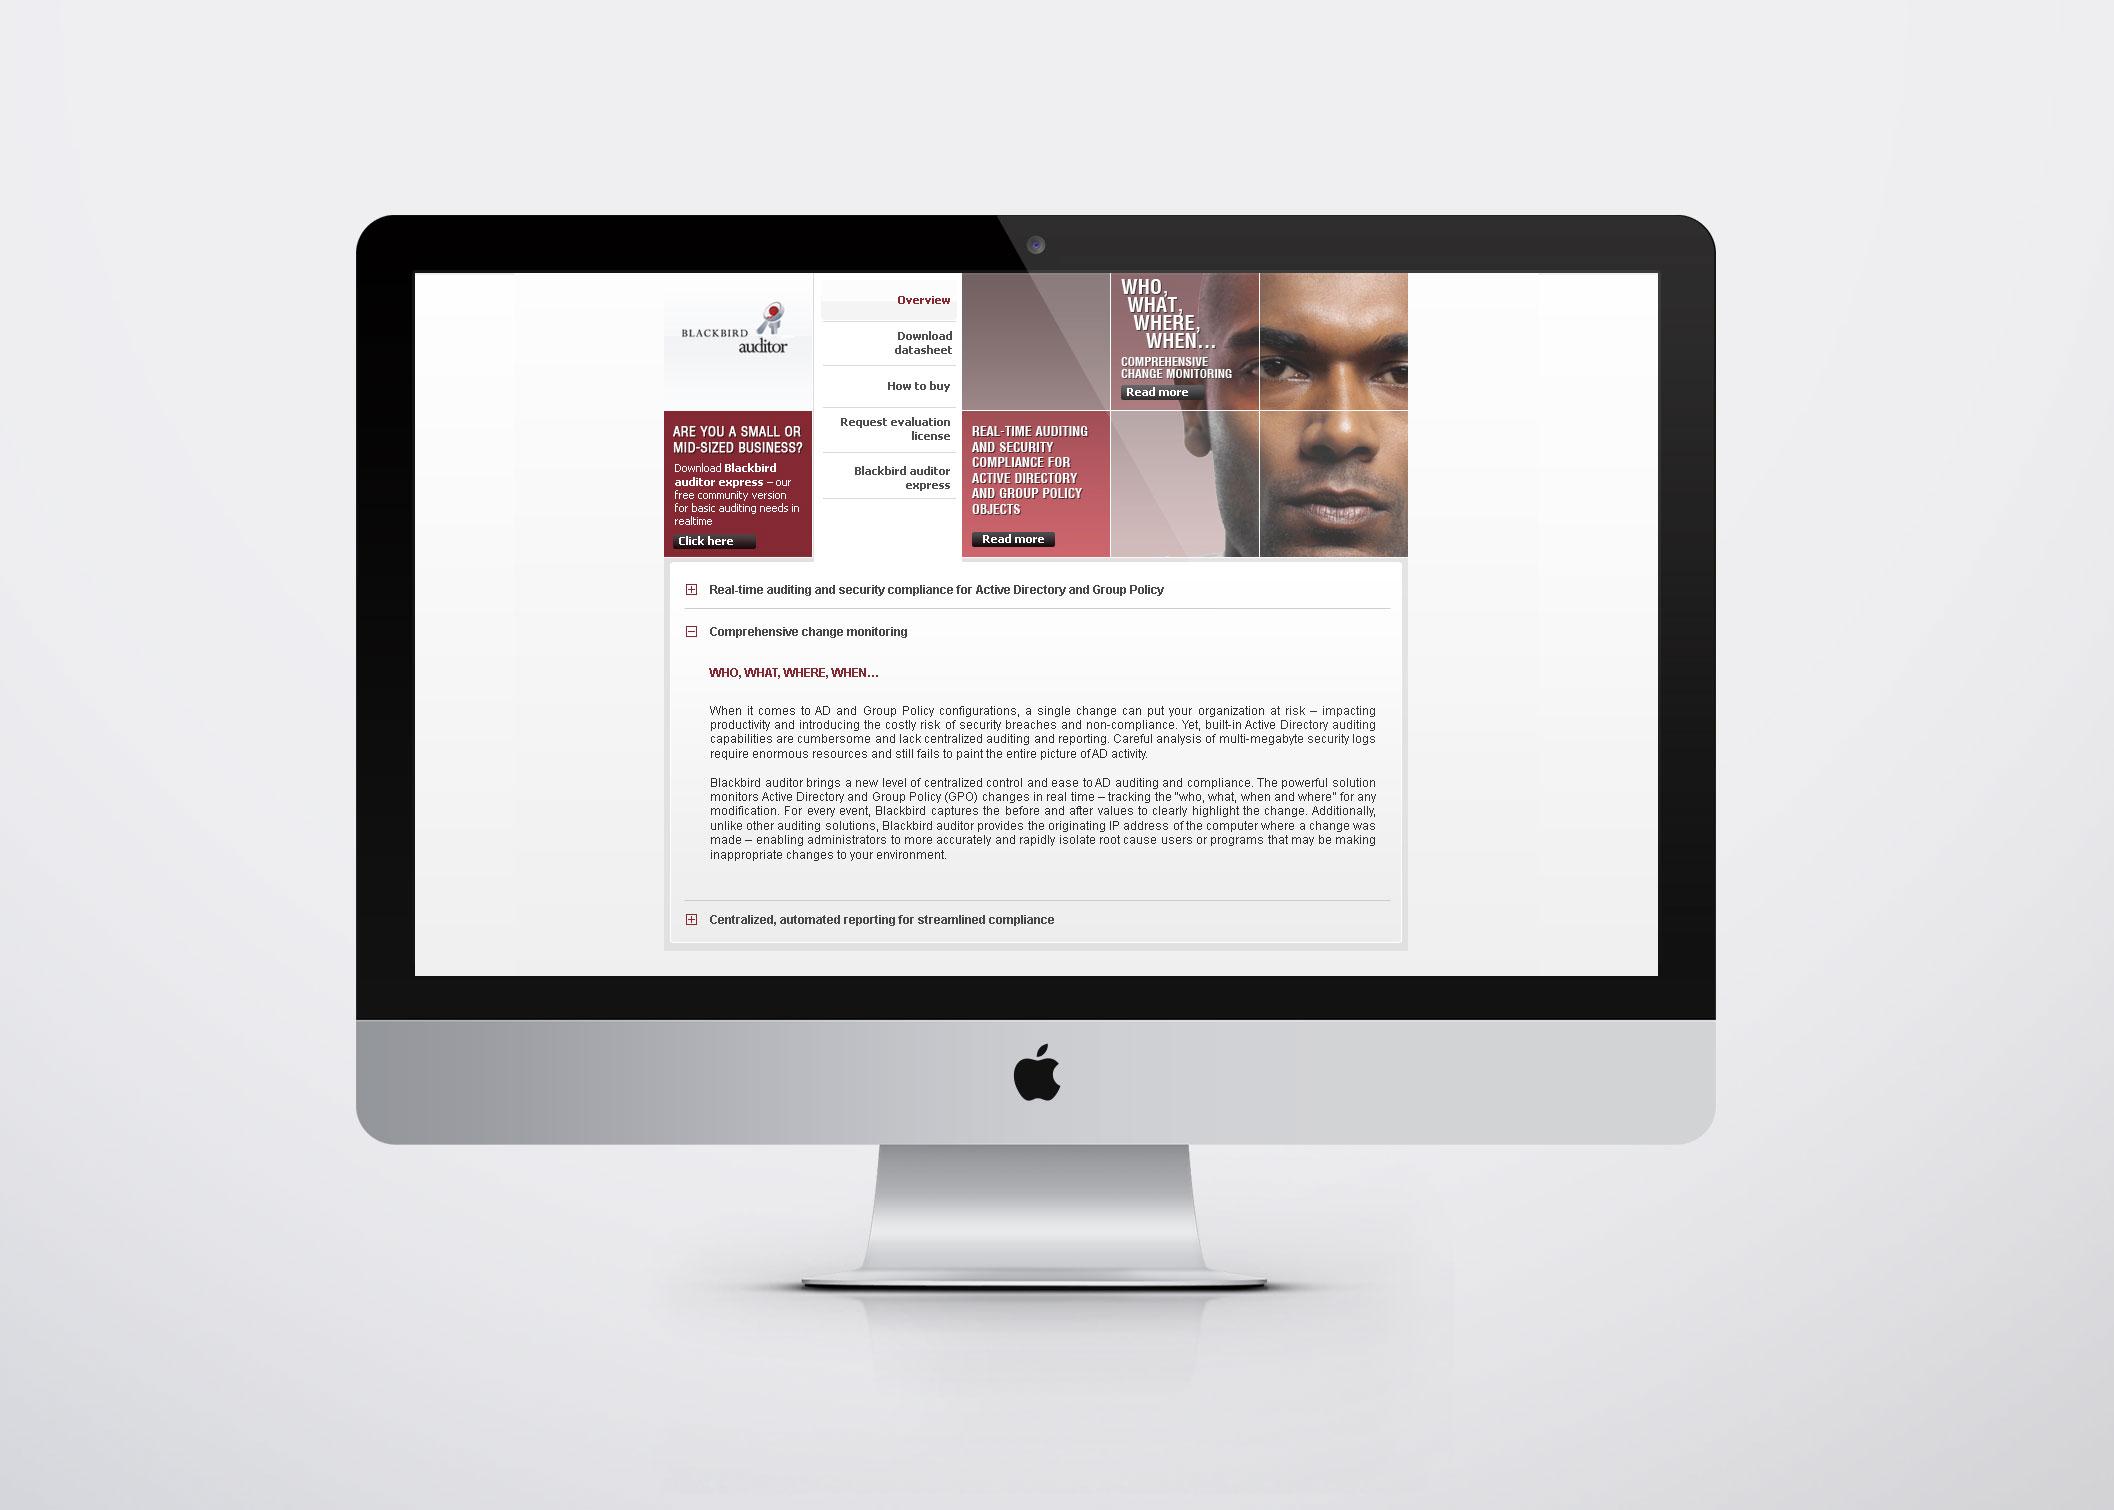 Software Company Visual Identity Visual Identity